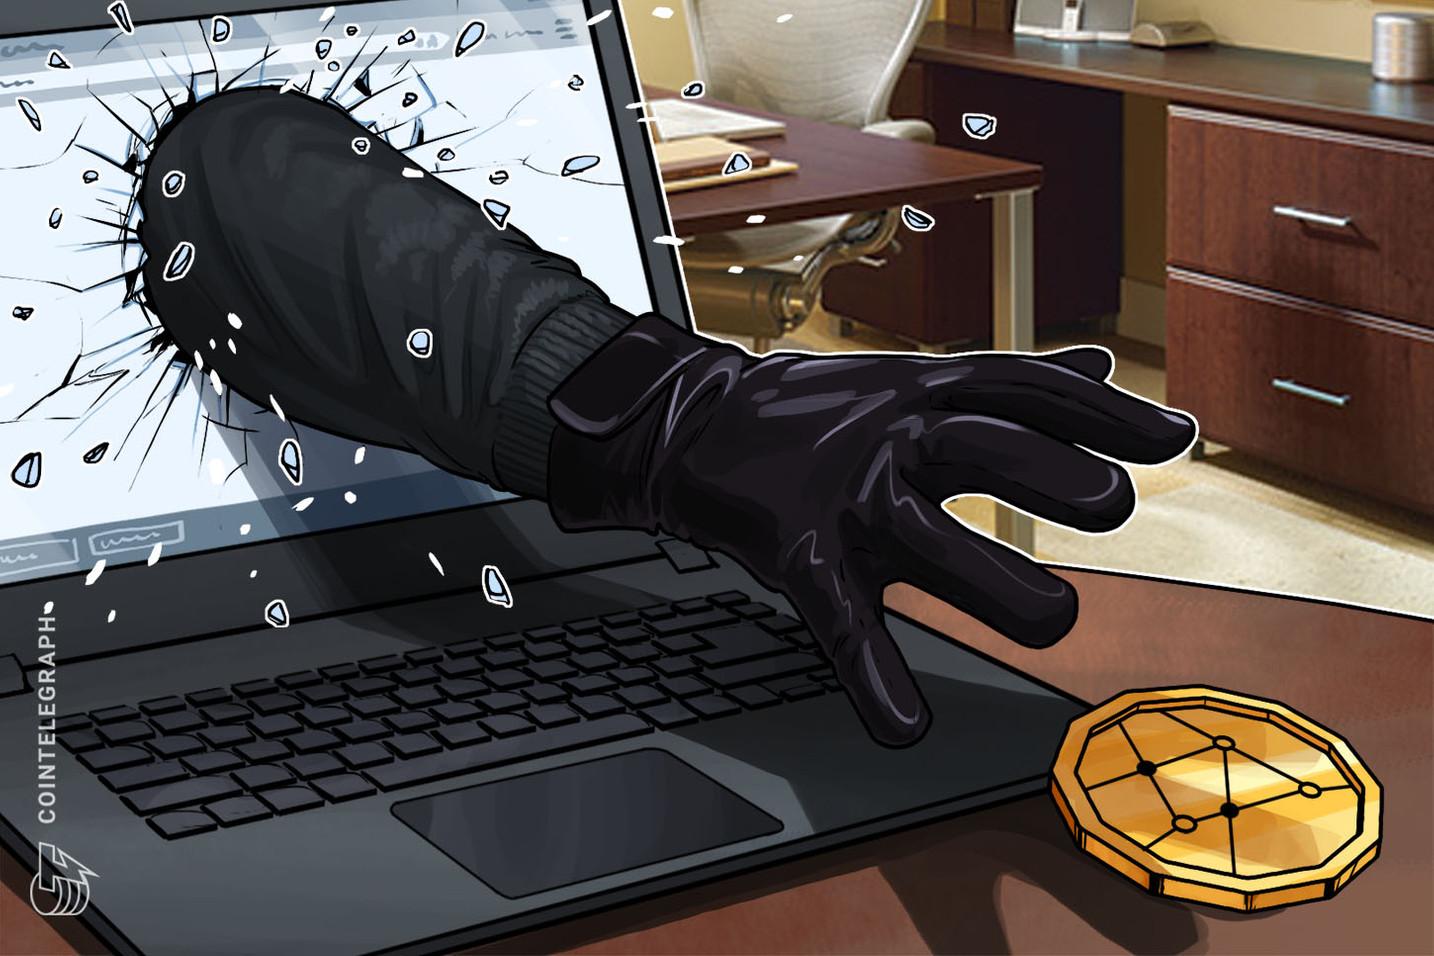 Hacker zieht 7,7 Mio. US-Dollar aus gehacktem EOS Konto ab